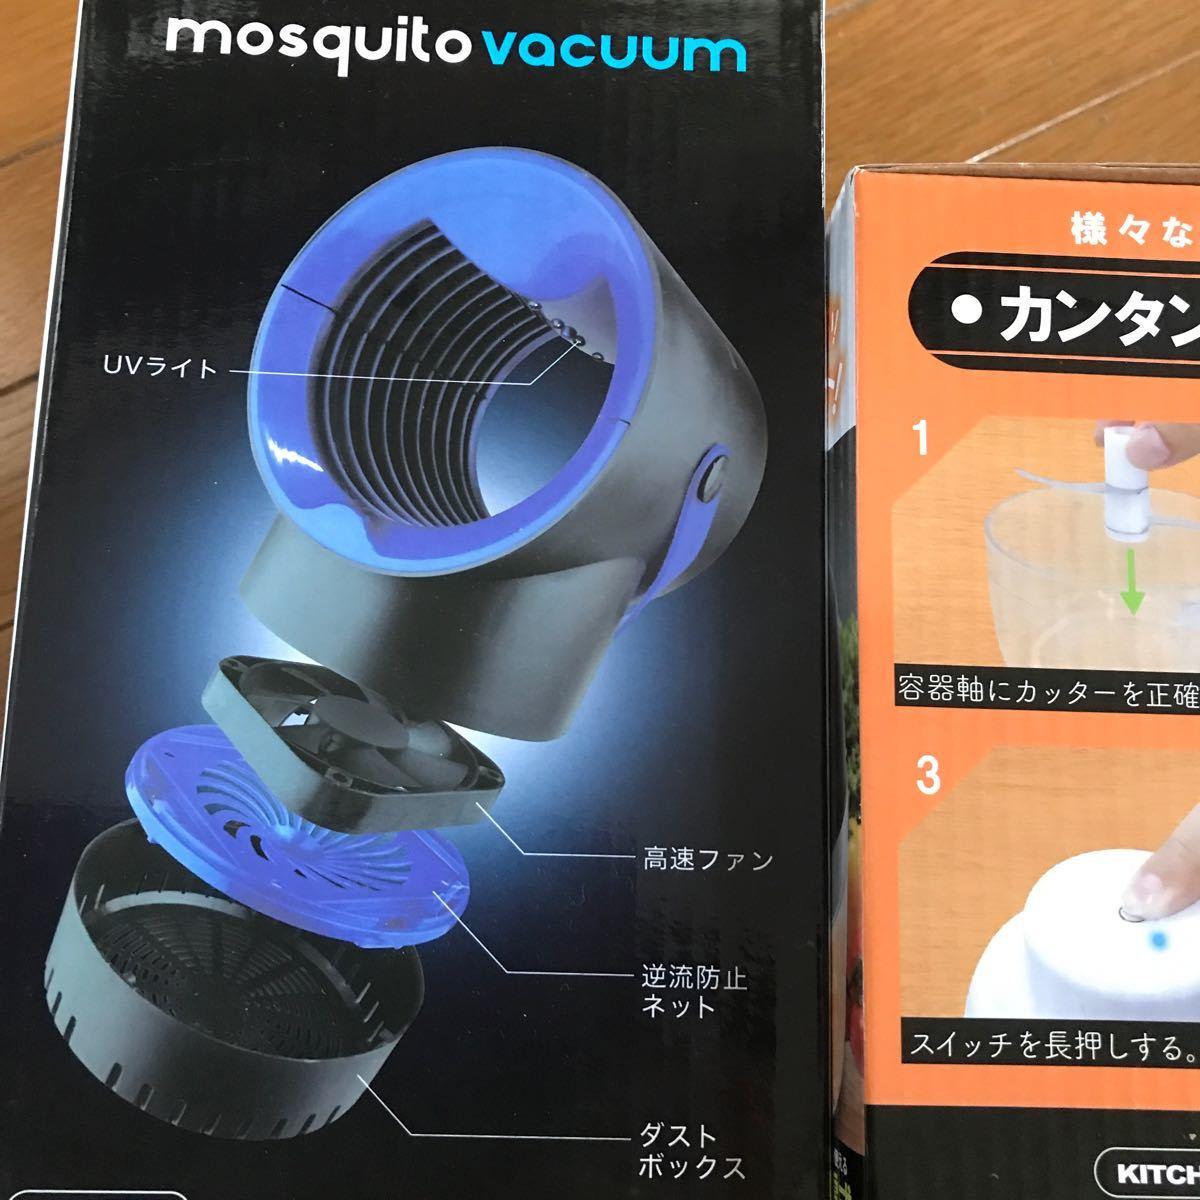 フードプロセッサーとモスキートバキューム(蚊取り器)